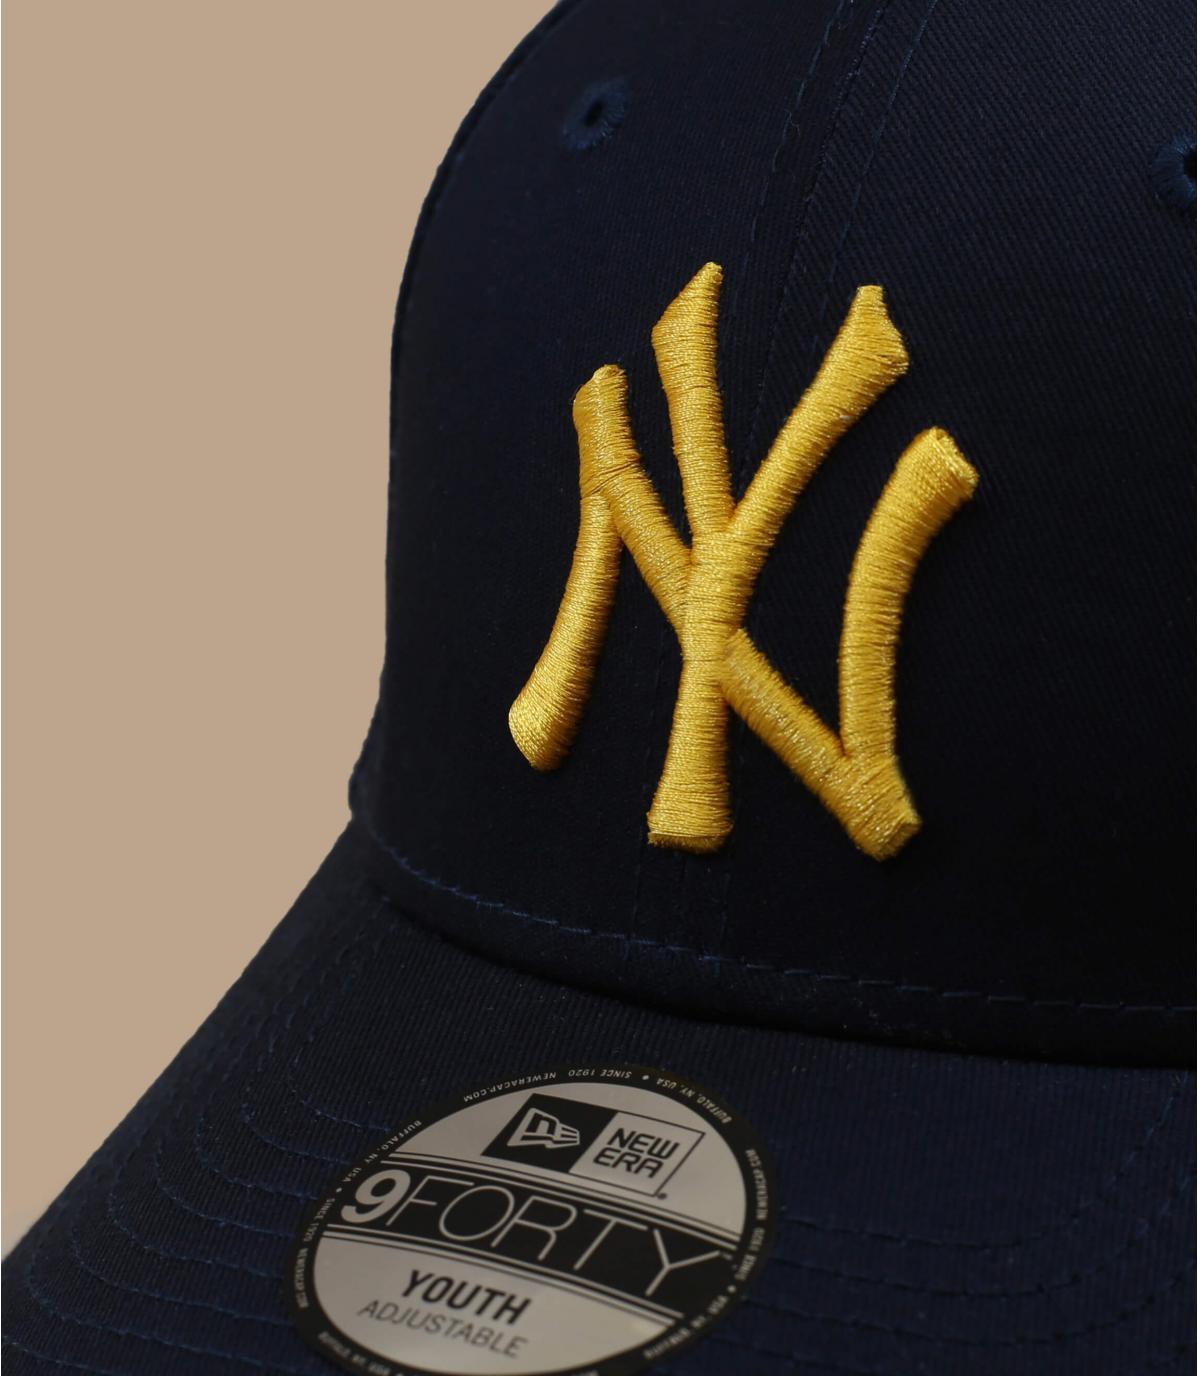 Détails Casquette Kids League Ess 940 NY navy yellow - image 2